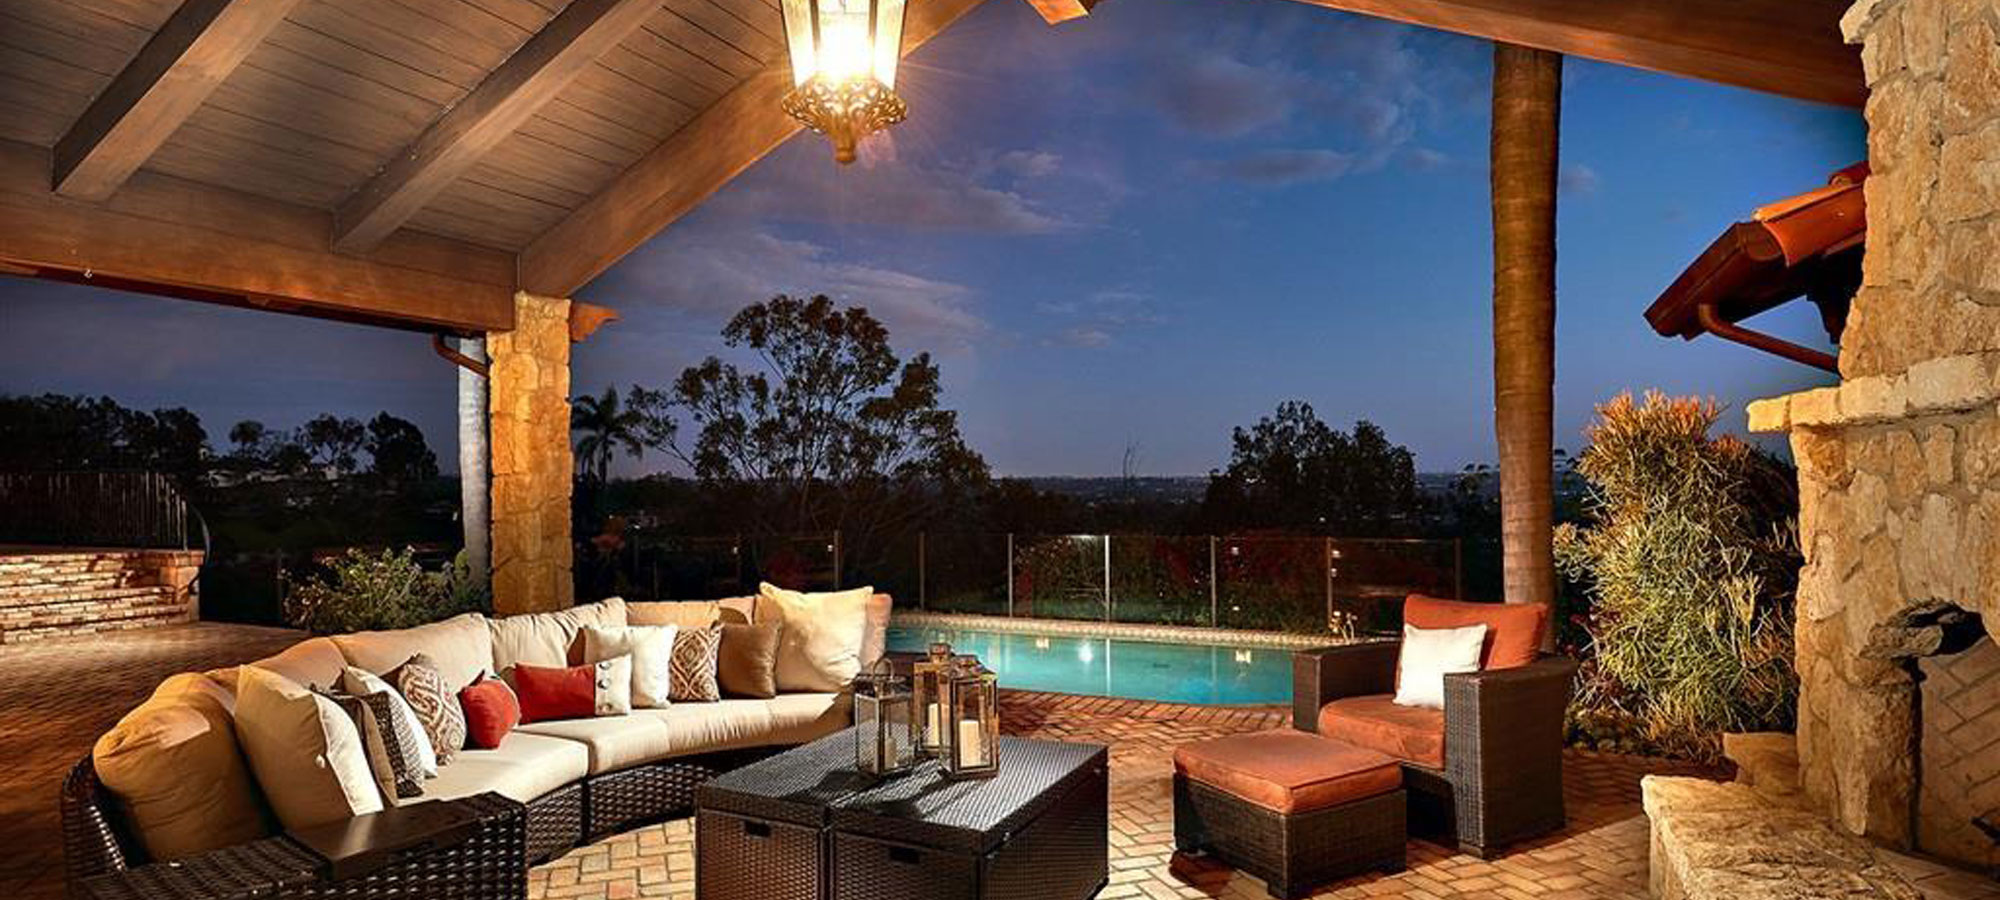 17140 El Mirador Rancho Santa Fe, CA 92067